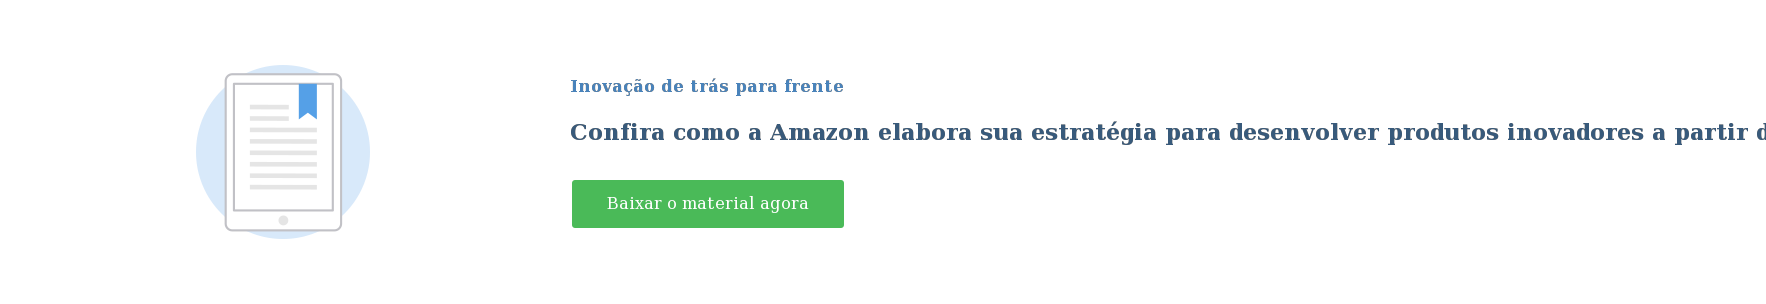 Inovação de trás para frente  Confira como a Amazon elabora sua estratégia para desenvolver produtos  inovadores a partir das necessidades do cliente. Baixar o material agora